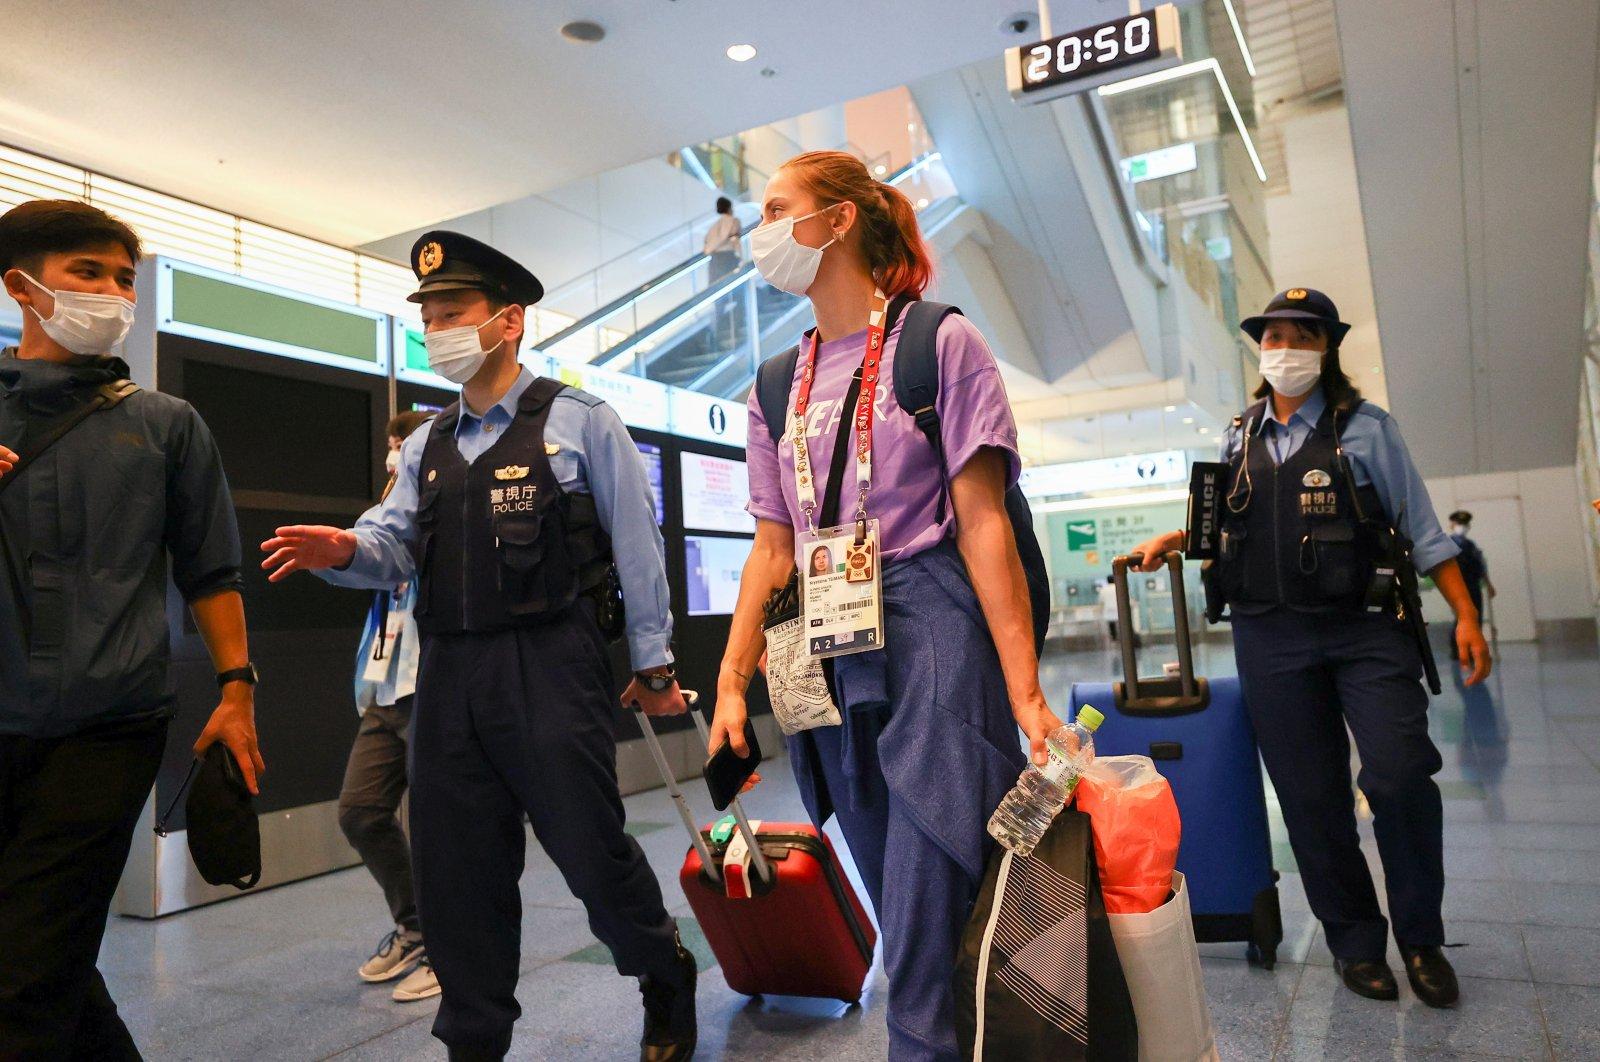 Belarusian athlete Krystsina Tsimanouskaya is escorted by police officers at Haneda international airport in Tokyo, Japan, Aug. 1, 2021.  (Reuters Photo)